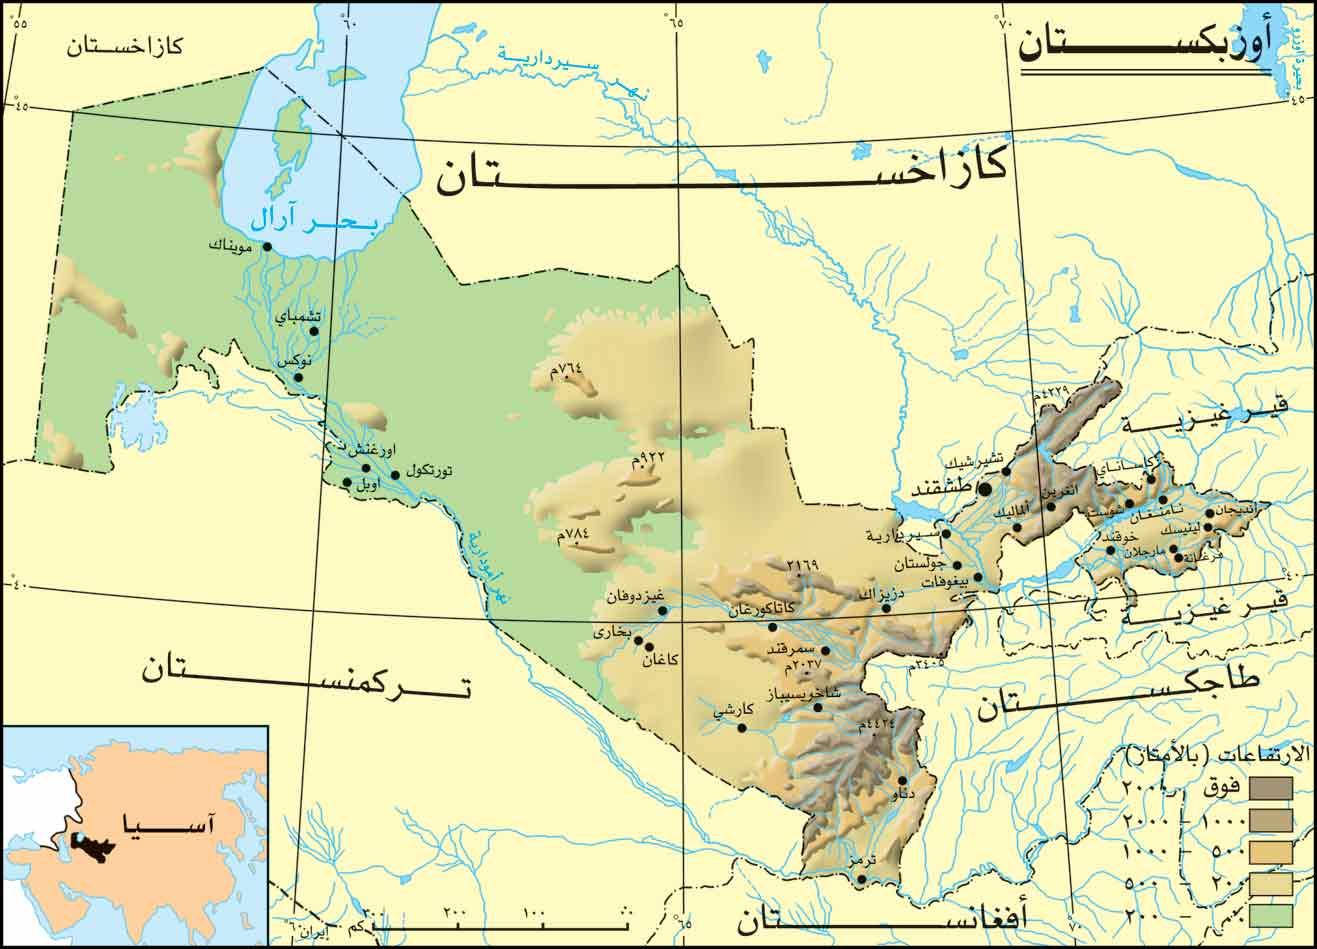 خريطة اوزباكستان